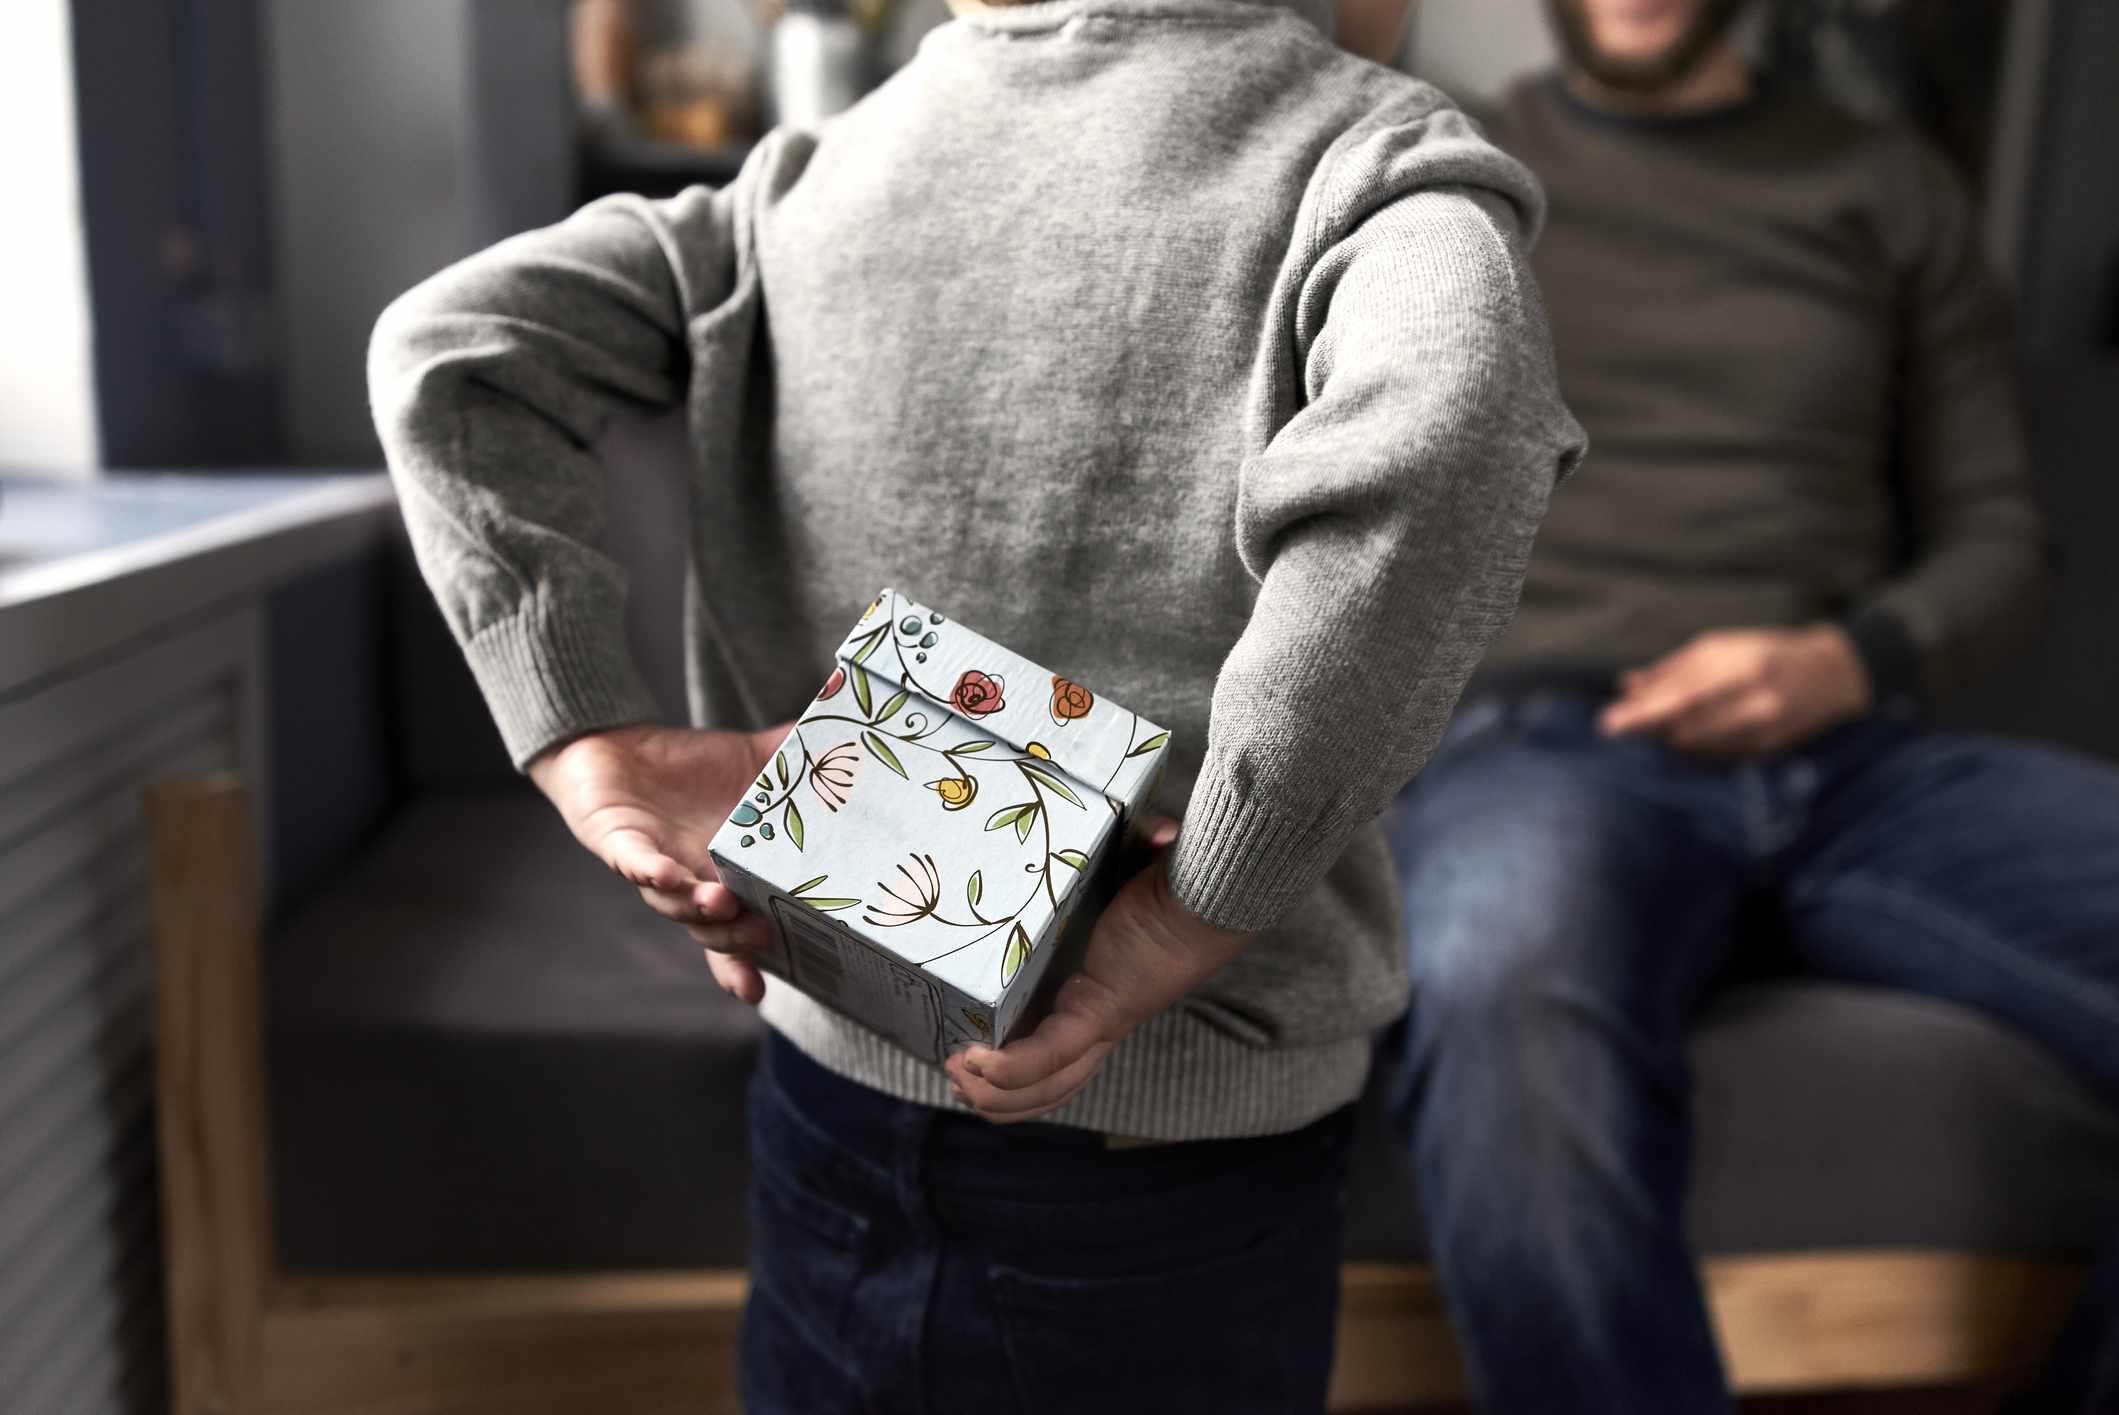 Child hides gift behind back